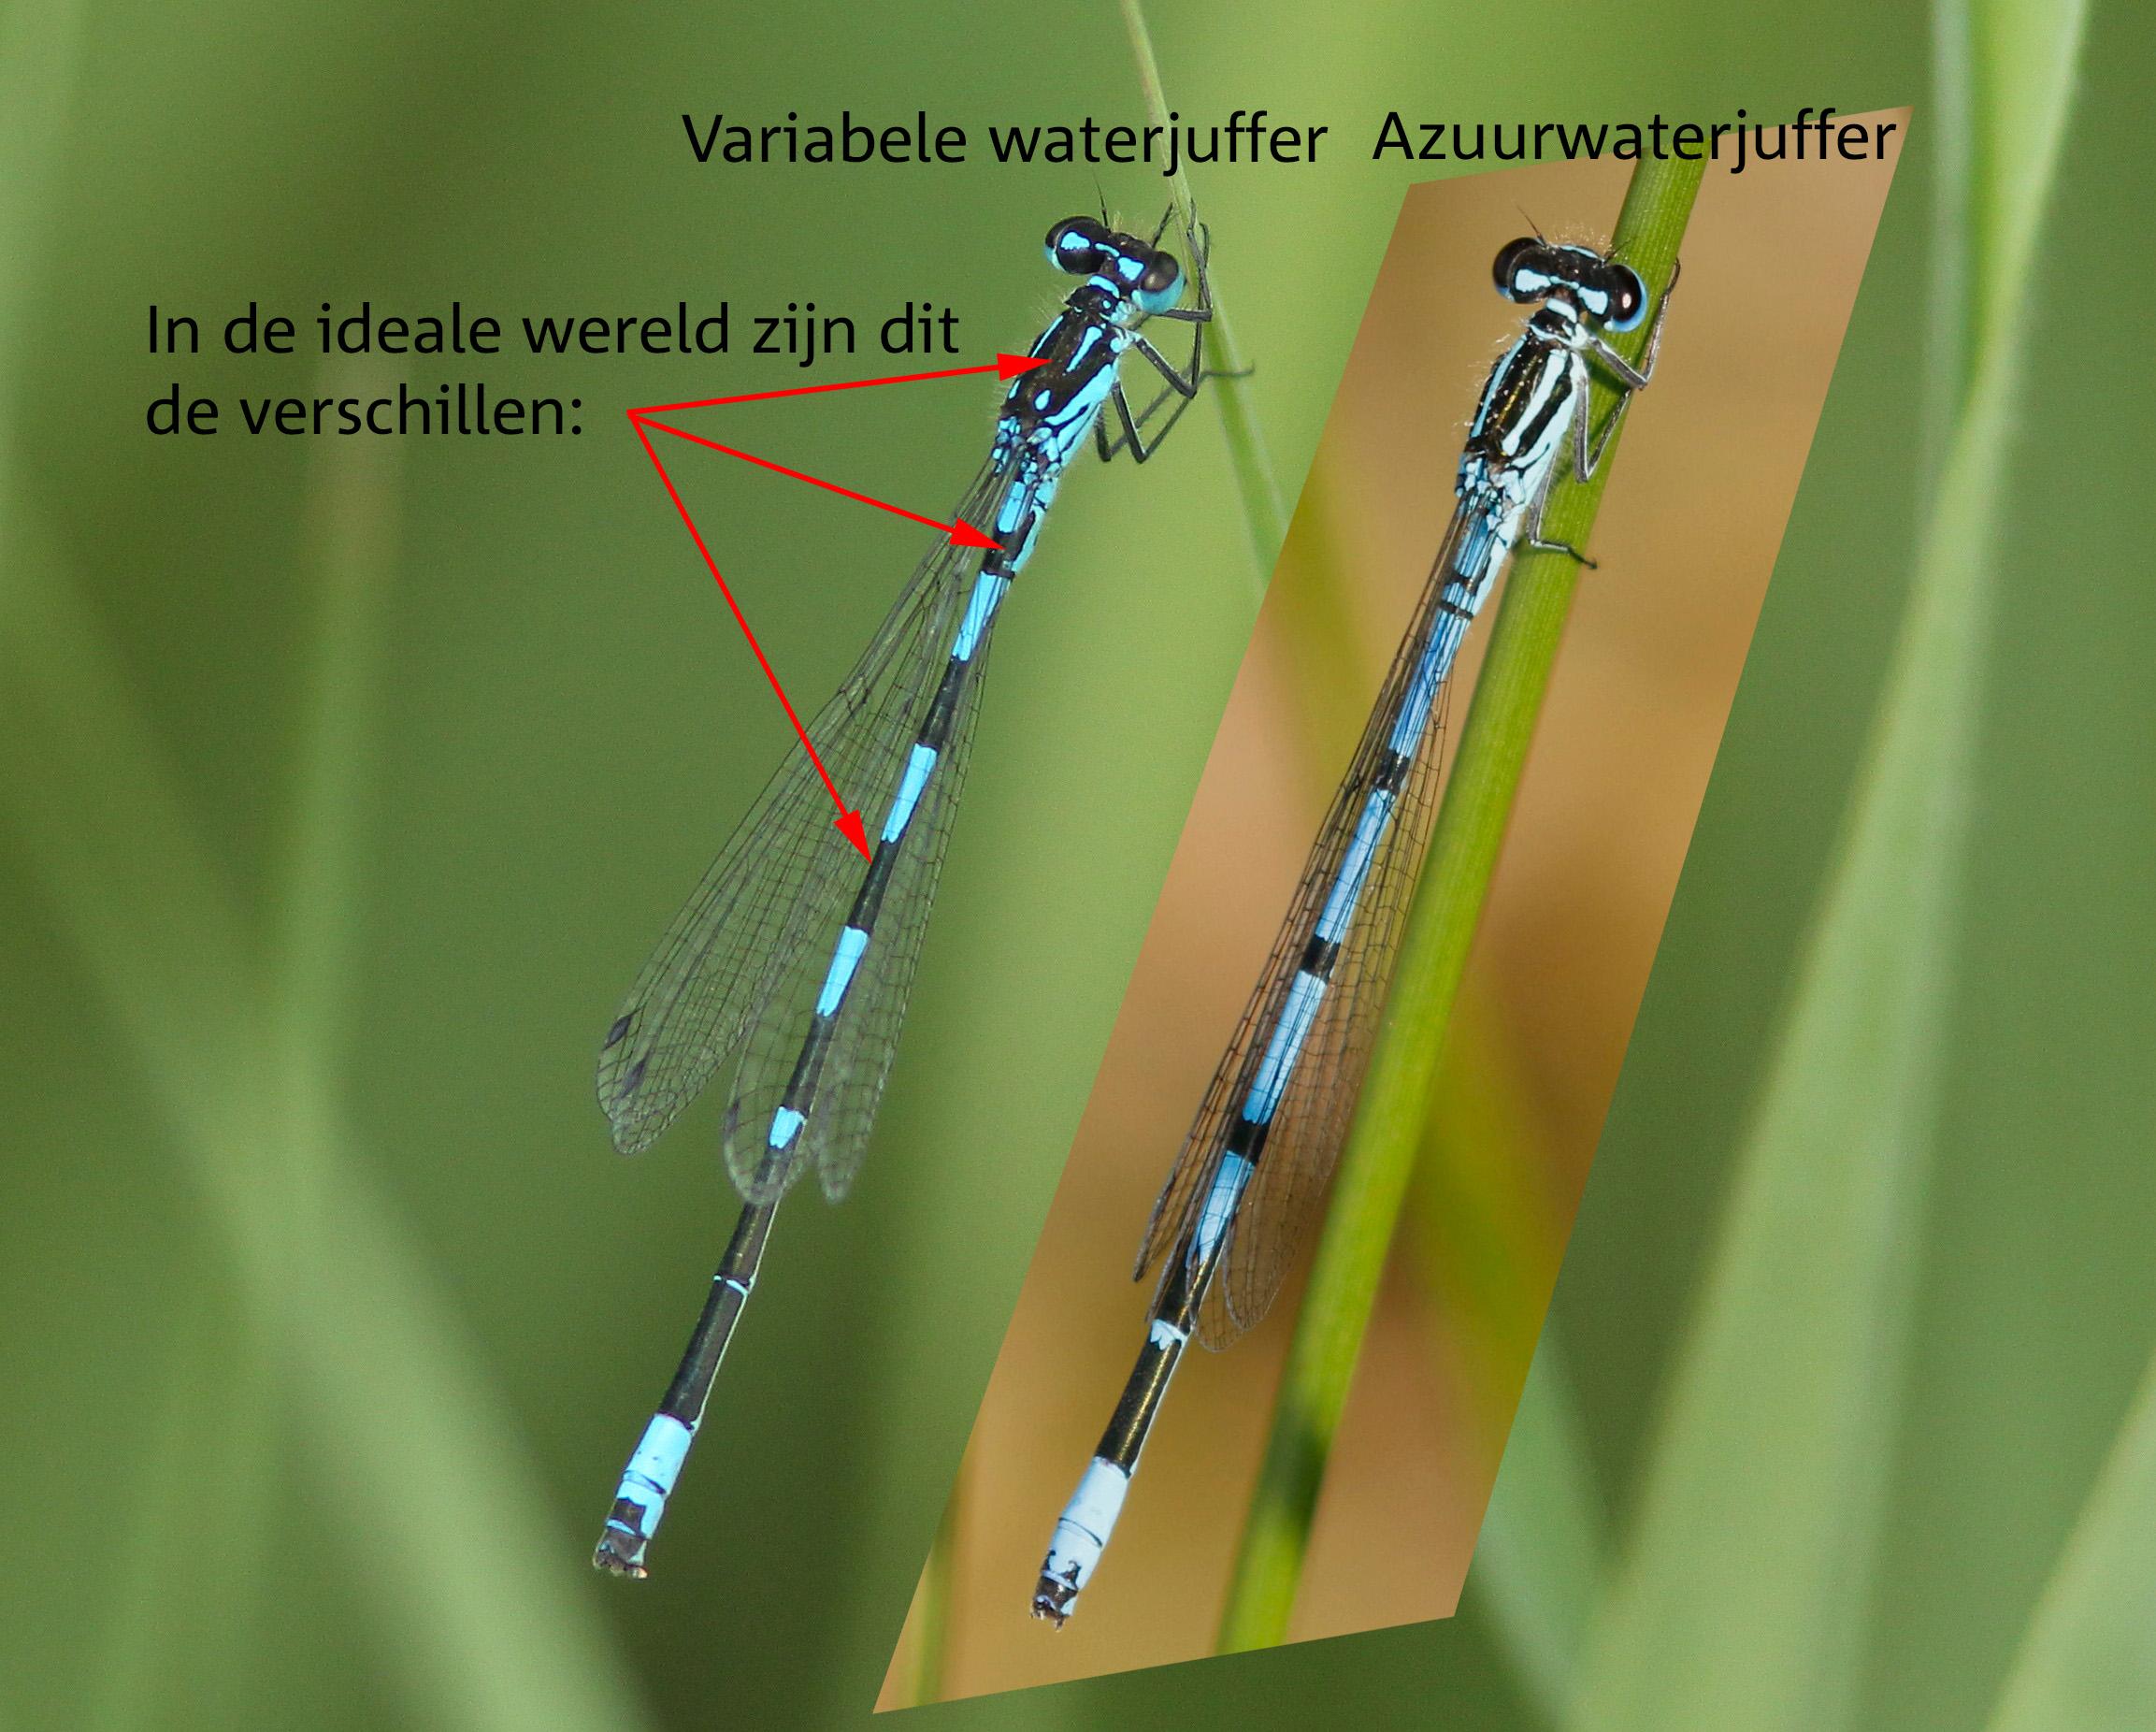 variabele waterjuffer2